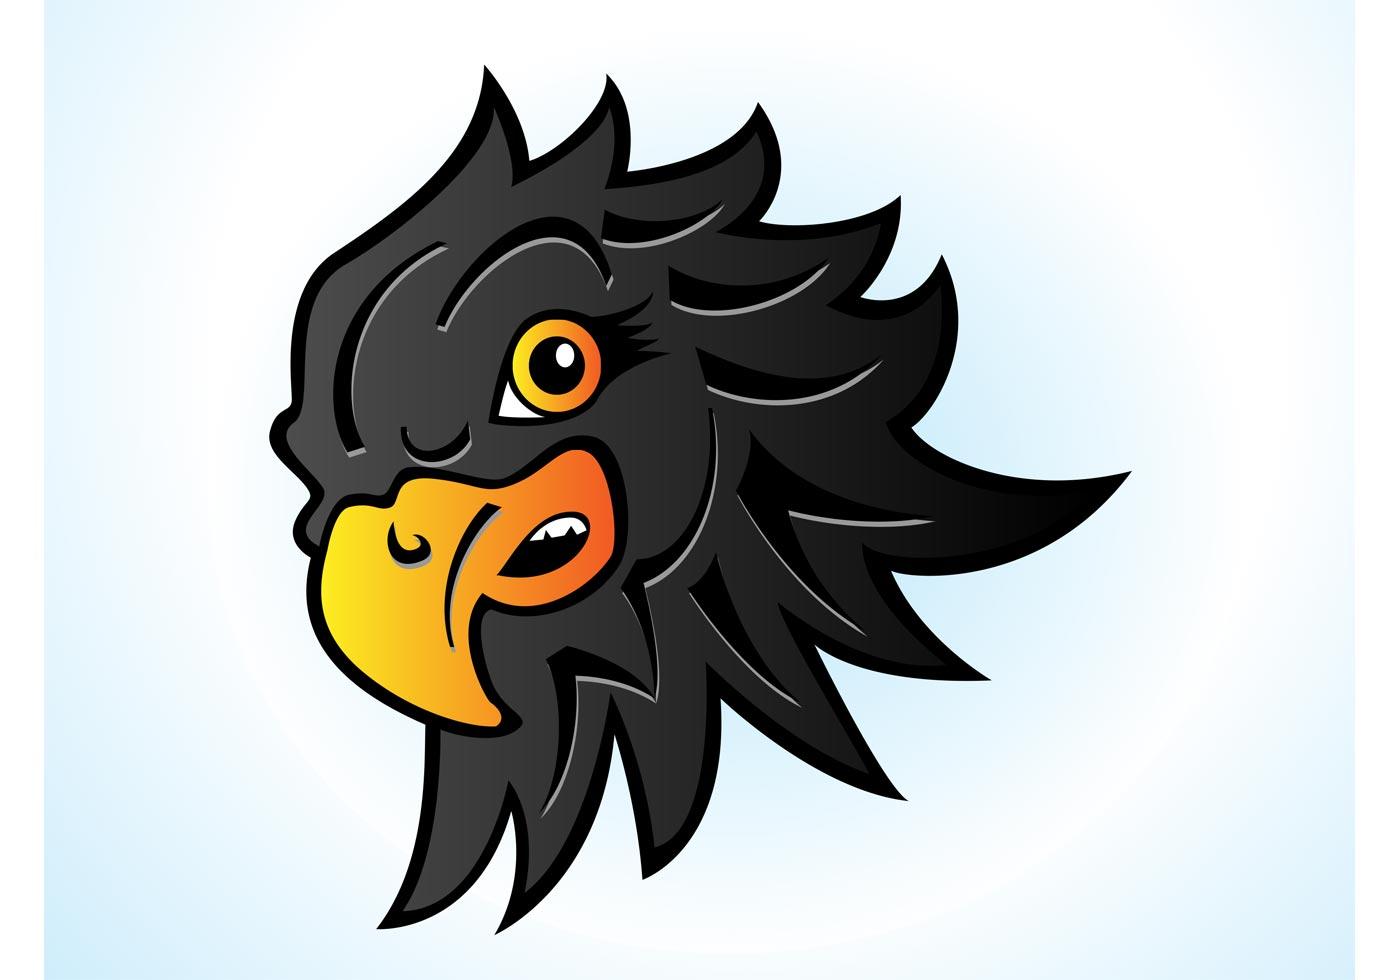 Hawk Head Cartoon - Download Free Vector Art, Stock ... Flying Hawk Cartoon